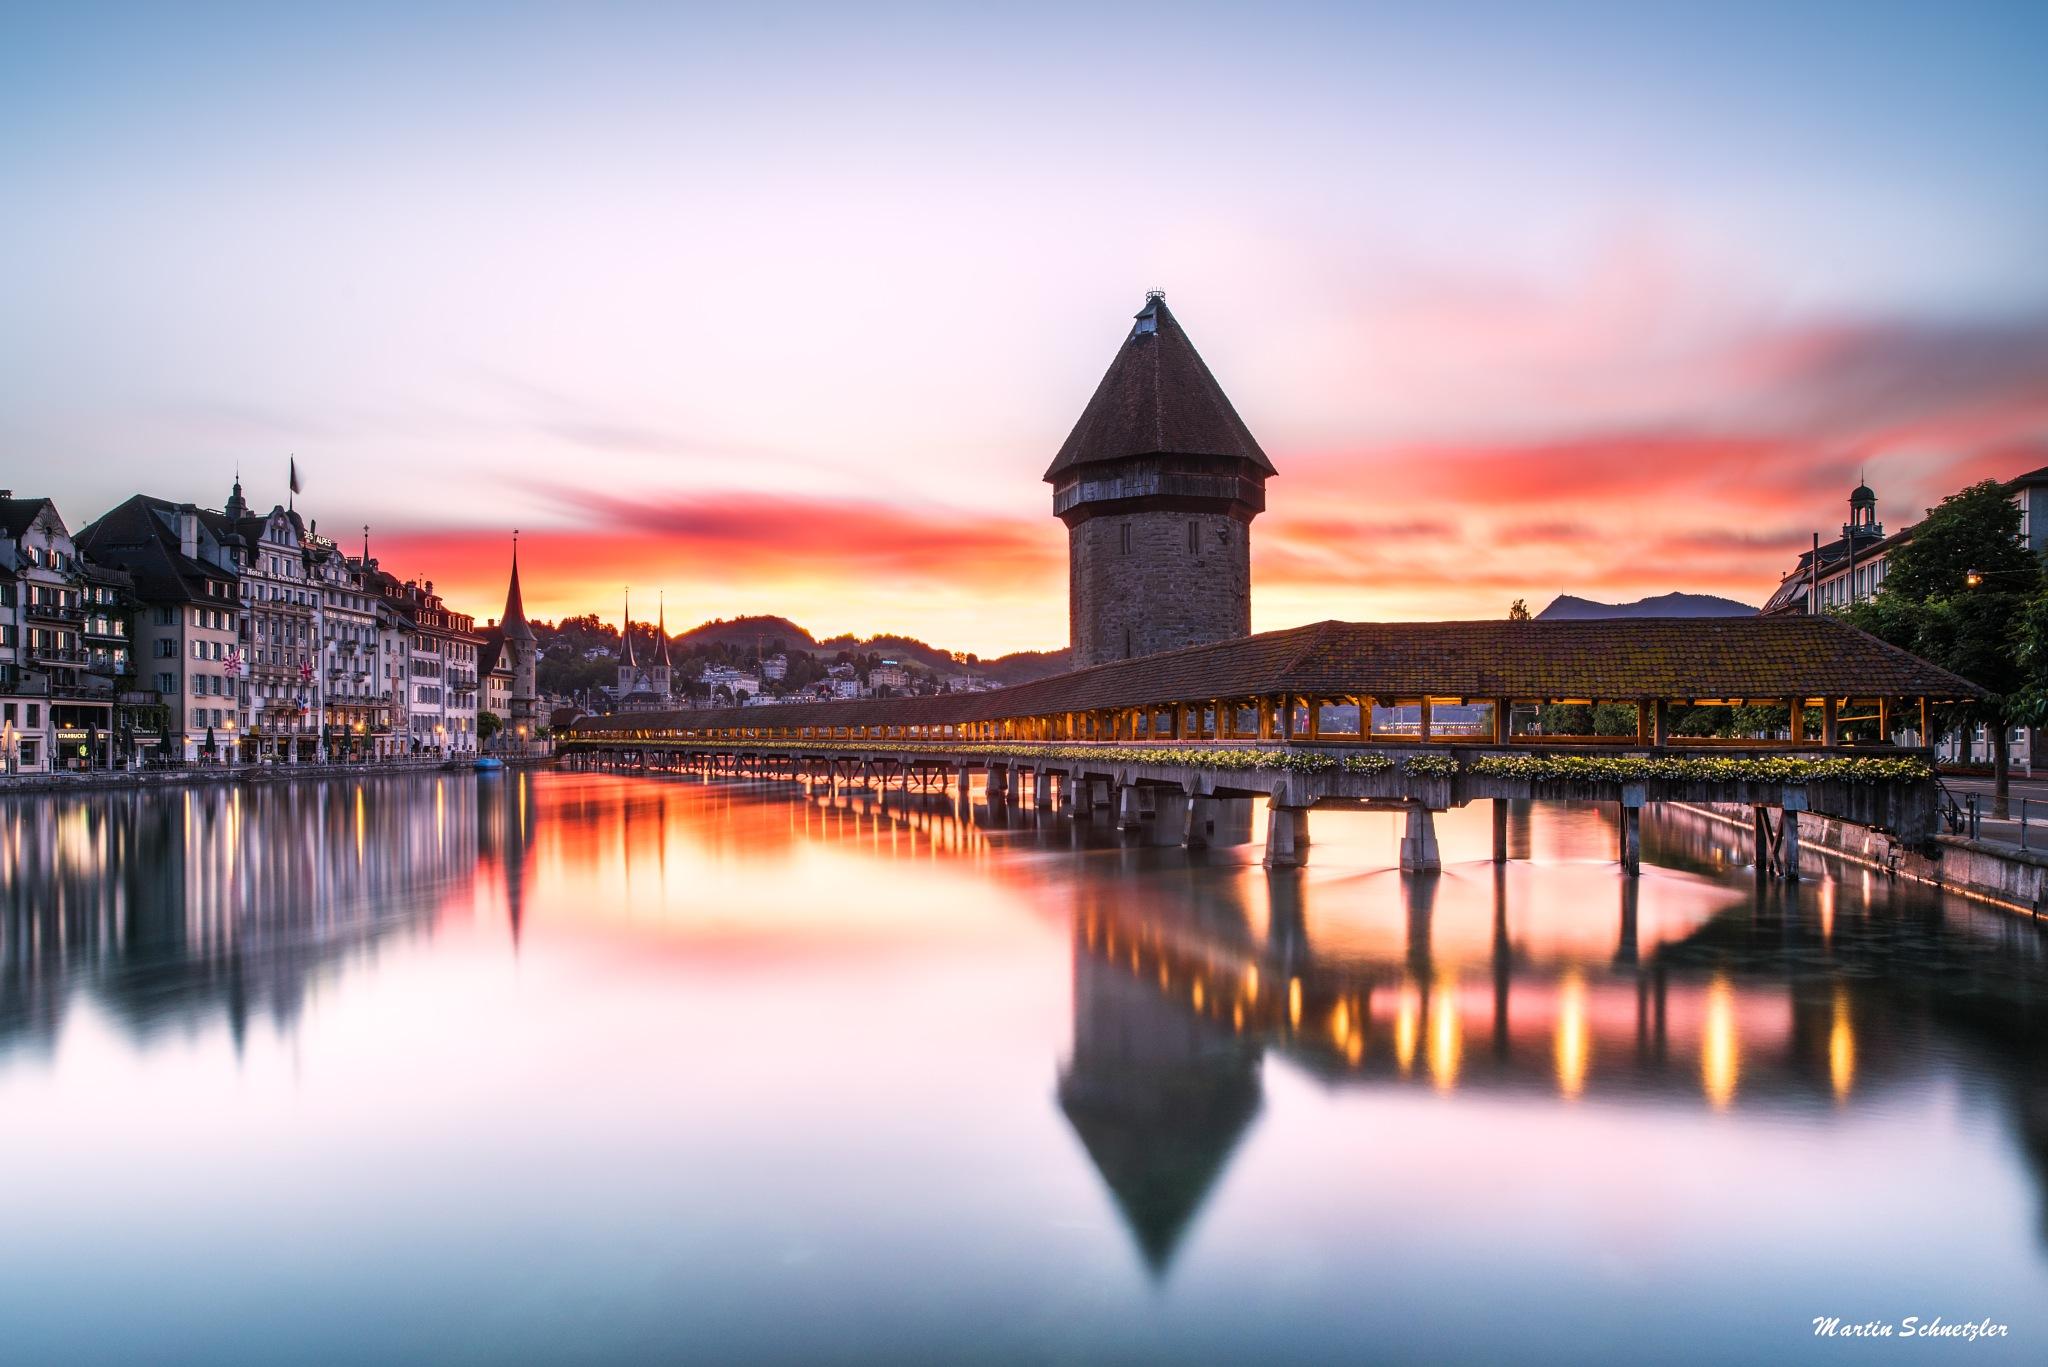 Luzern, Switzerland by Martin Schnetzler